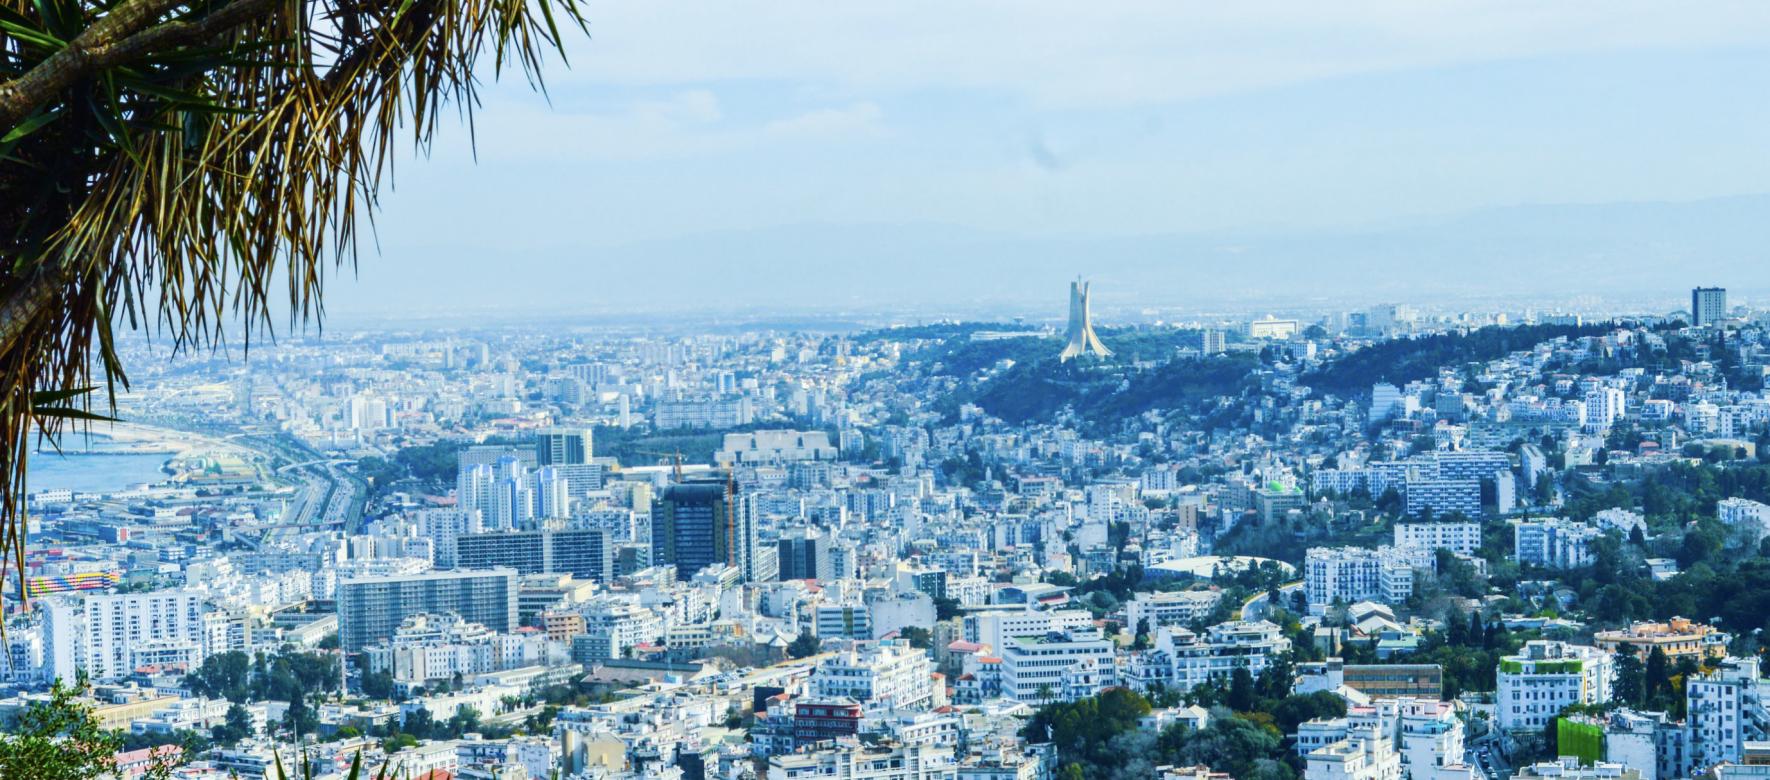 Conjoncture : « L'Algérie doit accéder les réformes pour protéger son économie »